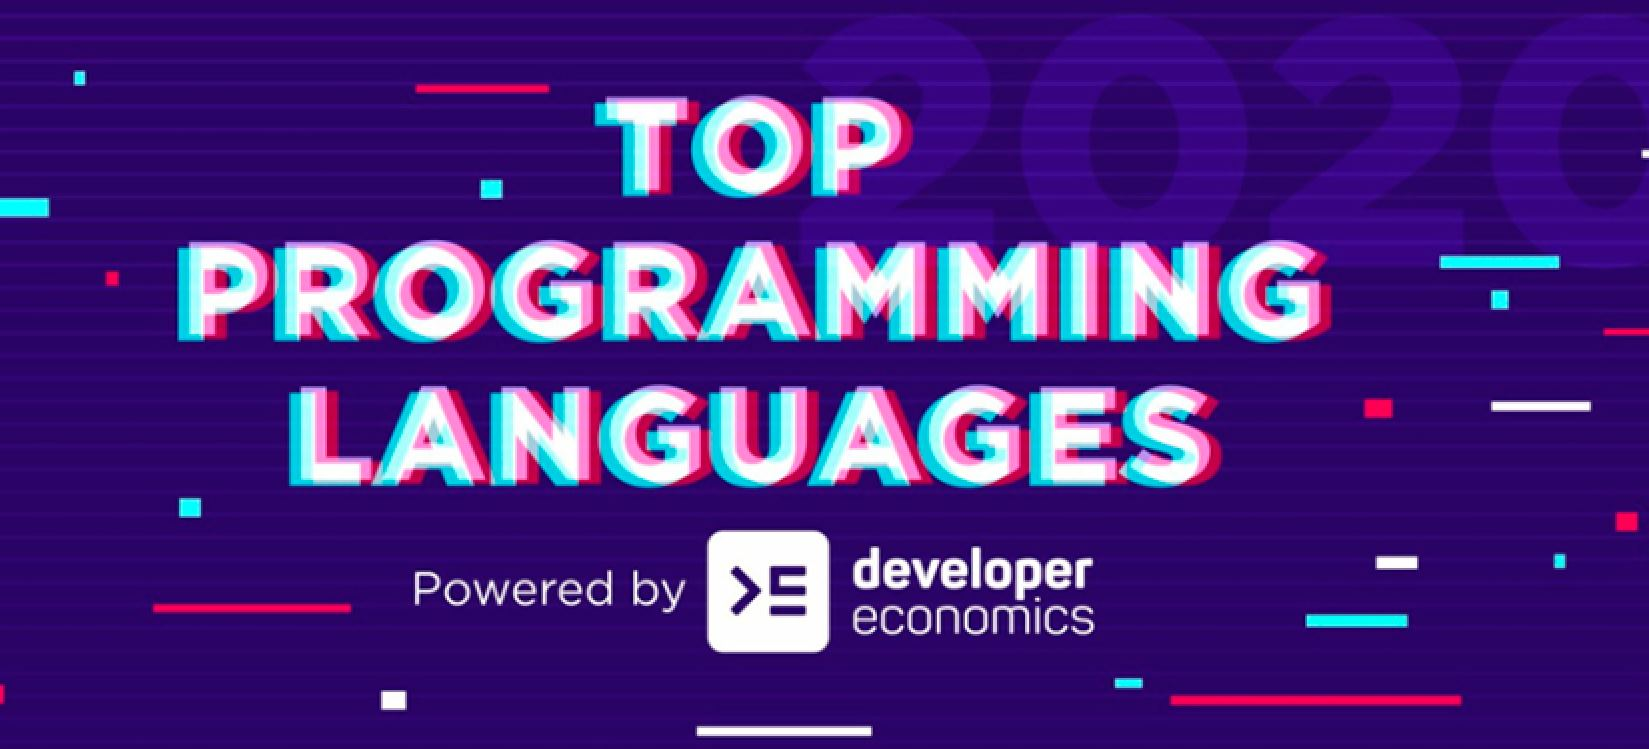 Los lenguajes de programación más usados en 2019, en una infografía